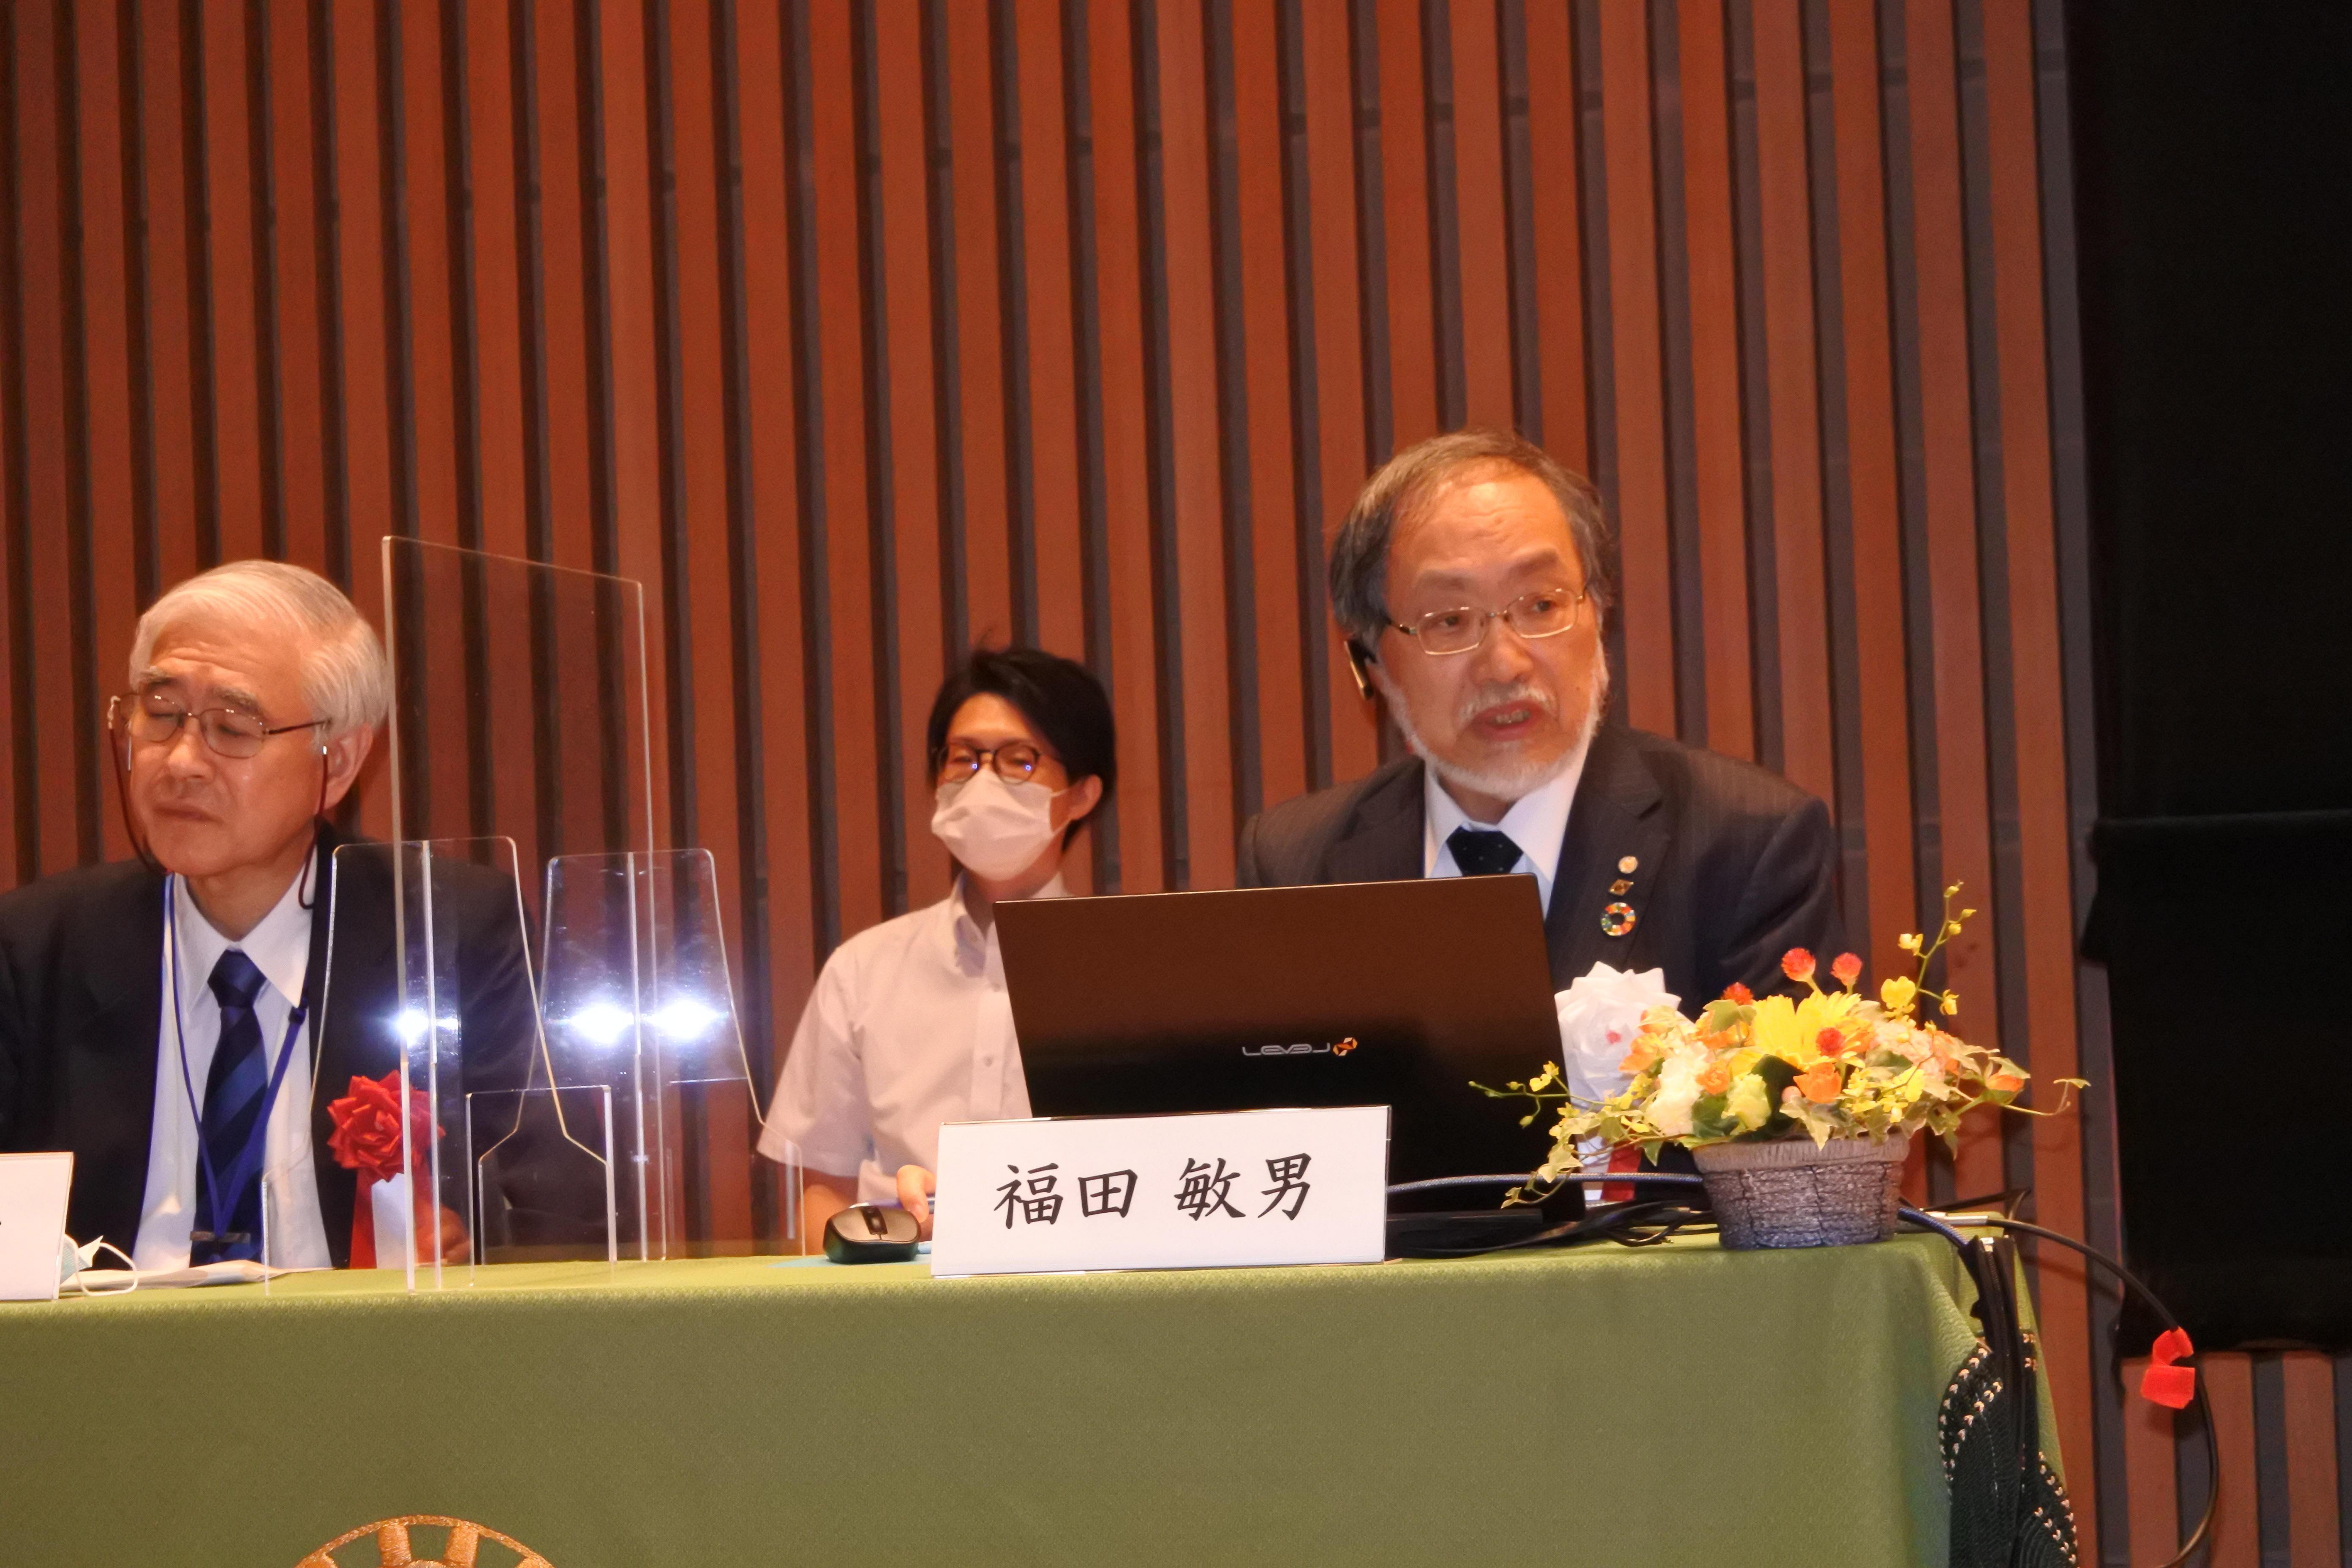 ウェブ会議で講演する福田敏男教授